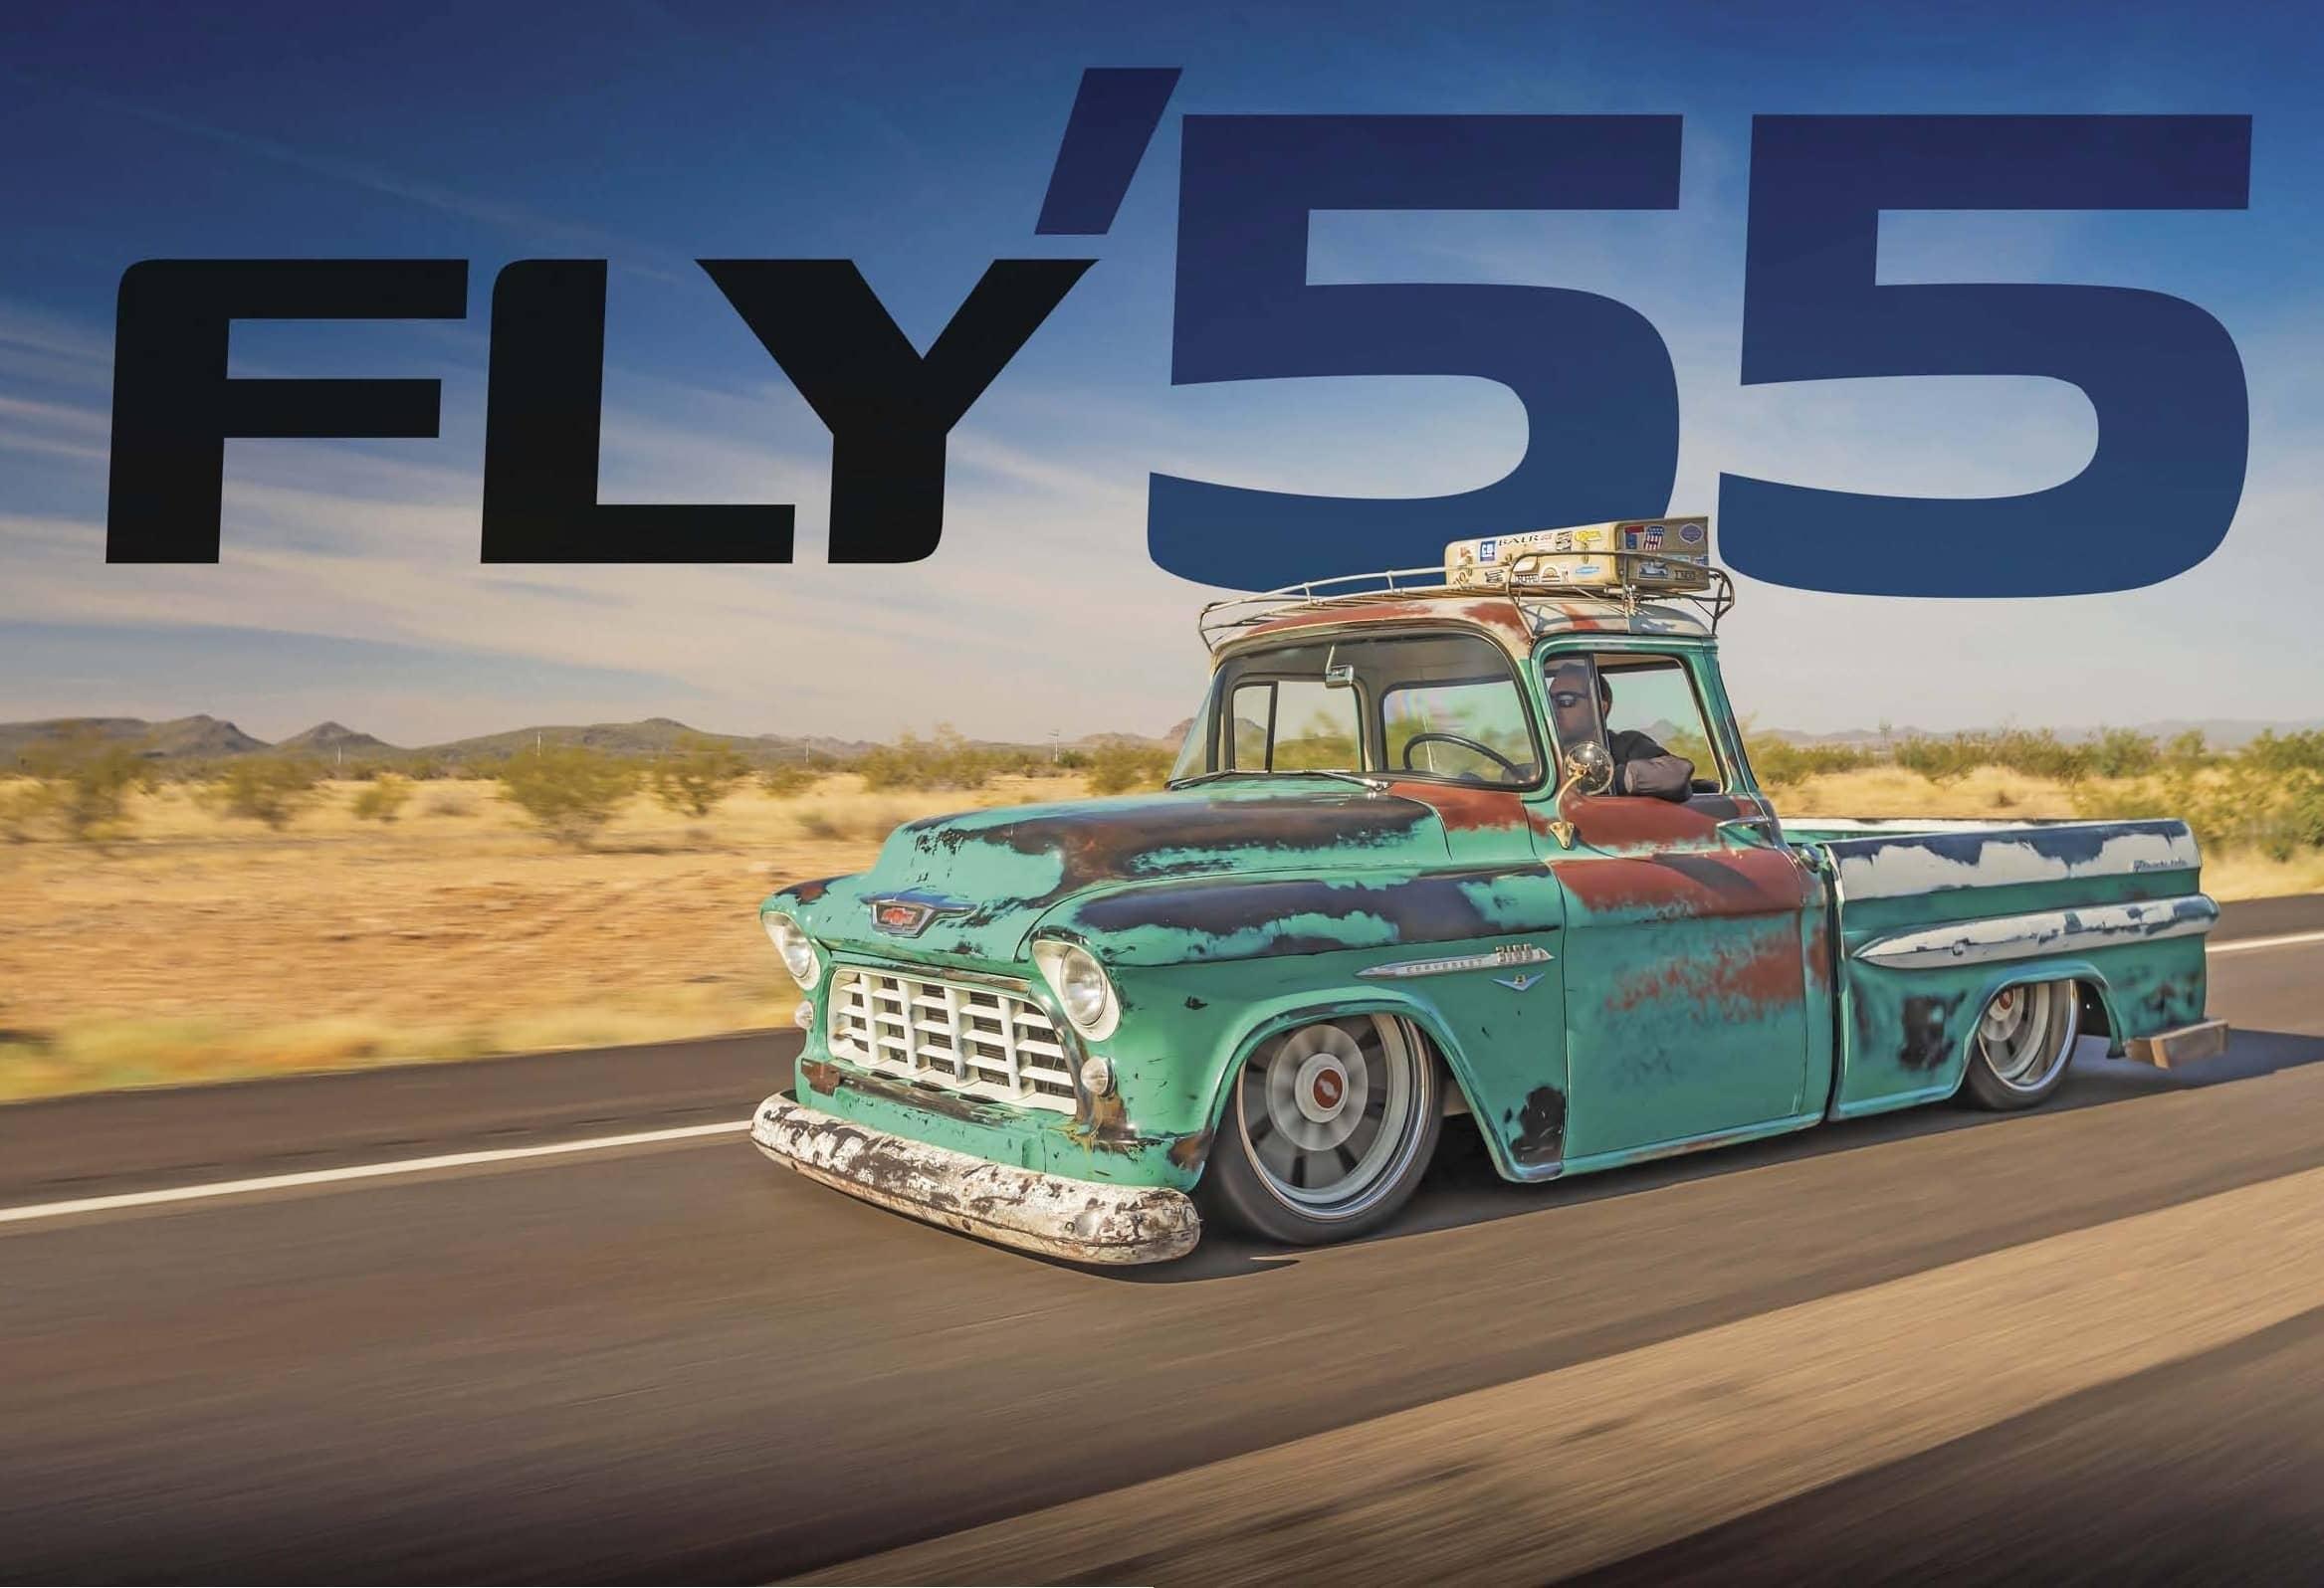 FLY 55